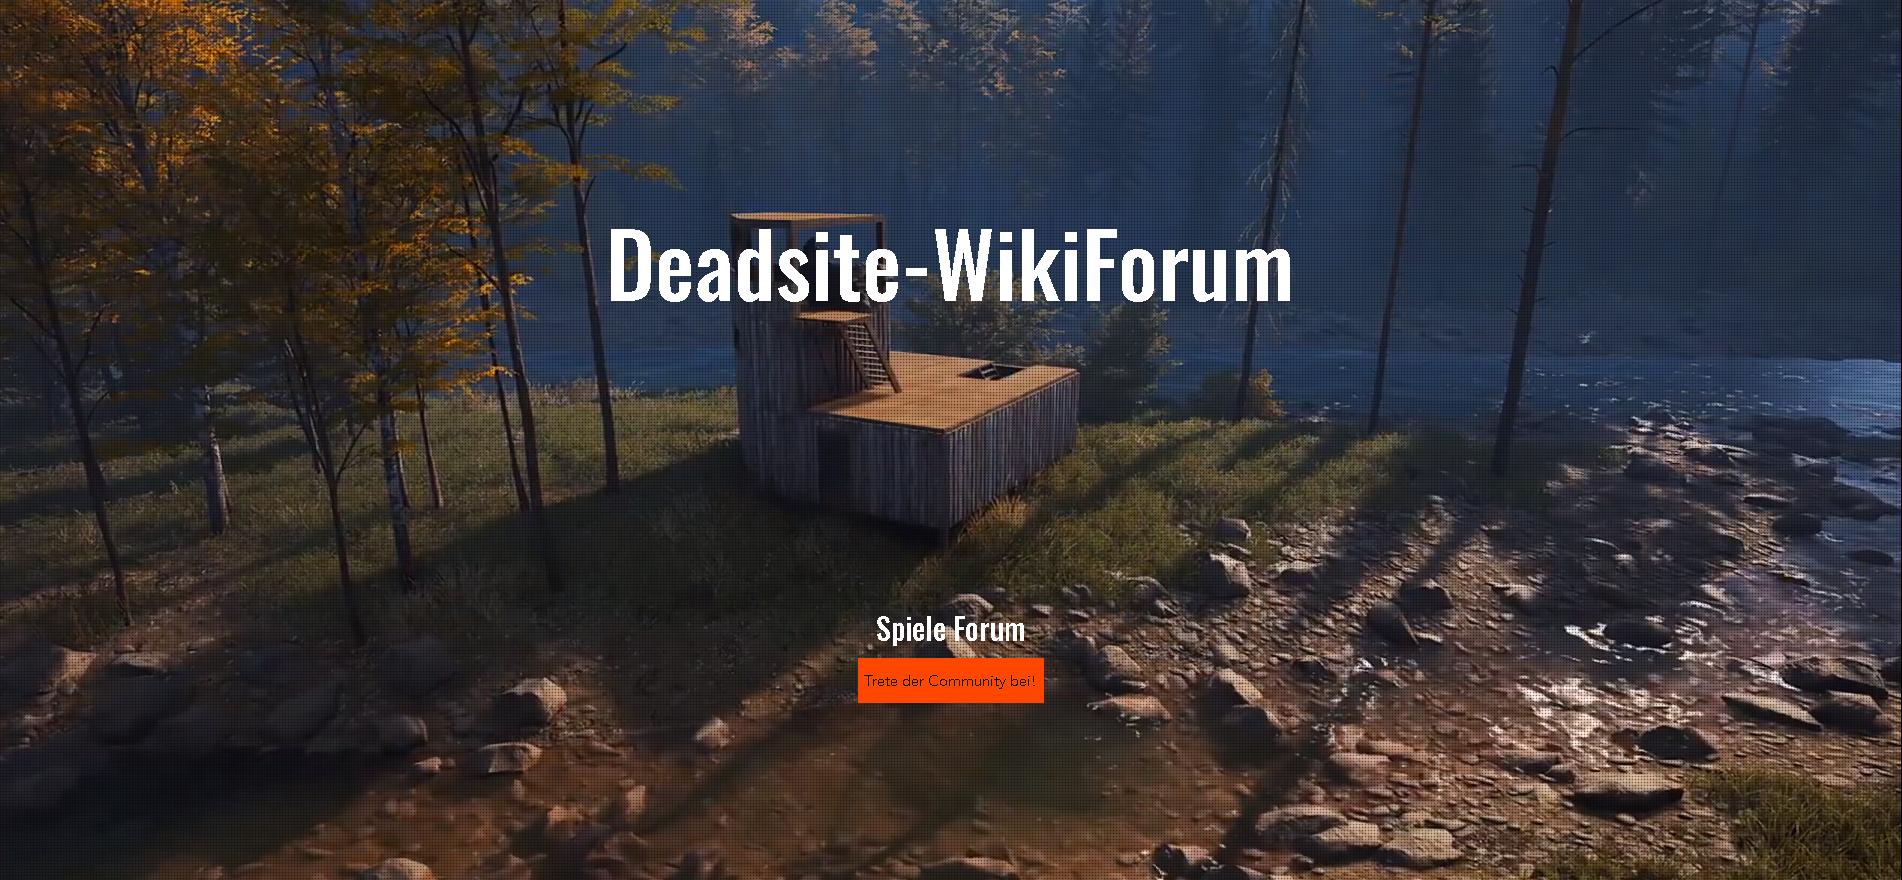 Deadsite-WikiForum: